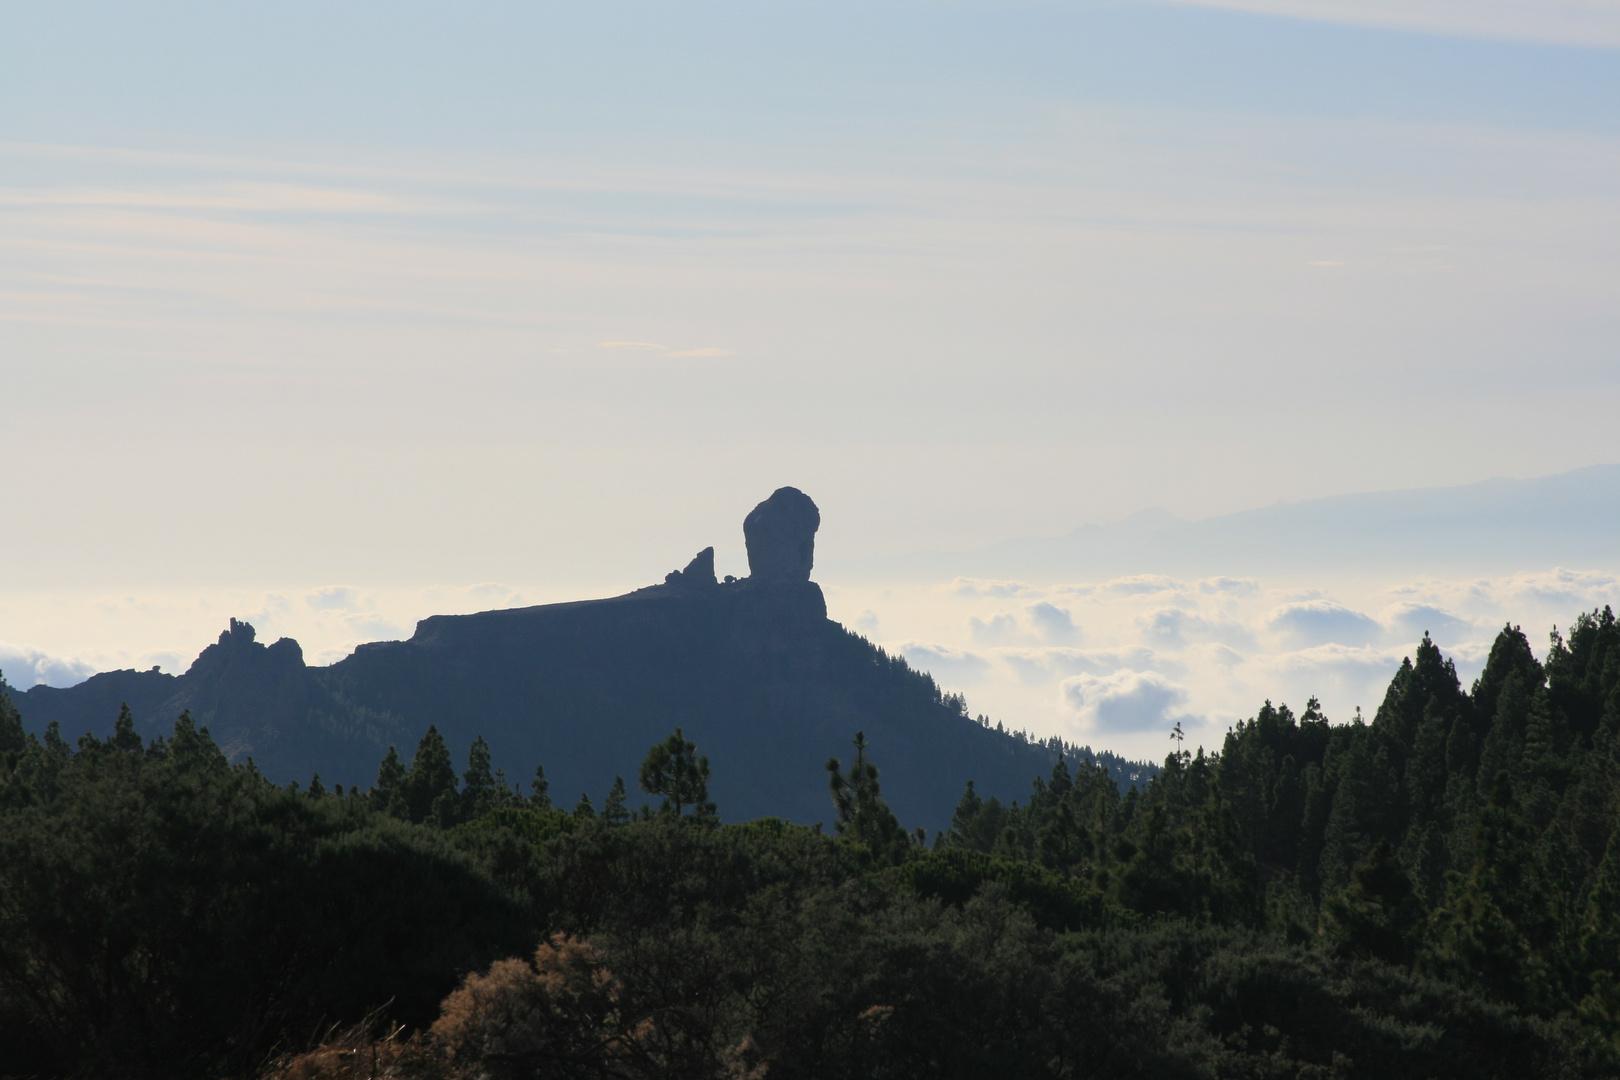 Monolith Roque Nublo